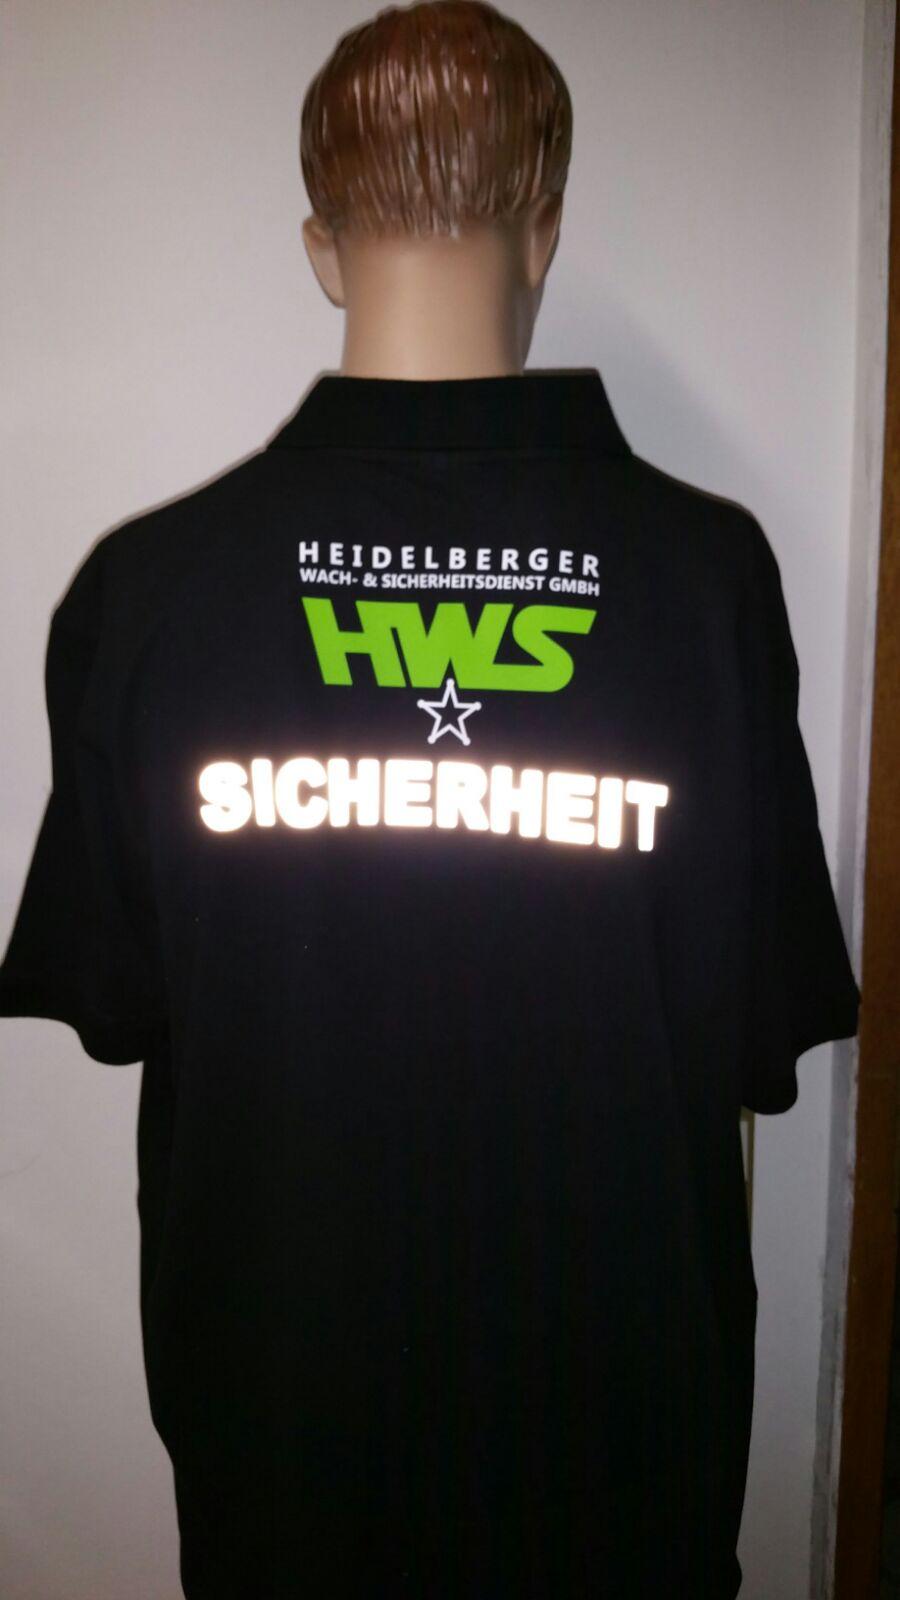 HWS Heidelberger Wach- & Sicherheitsdienst GmbH